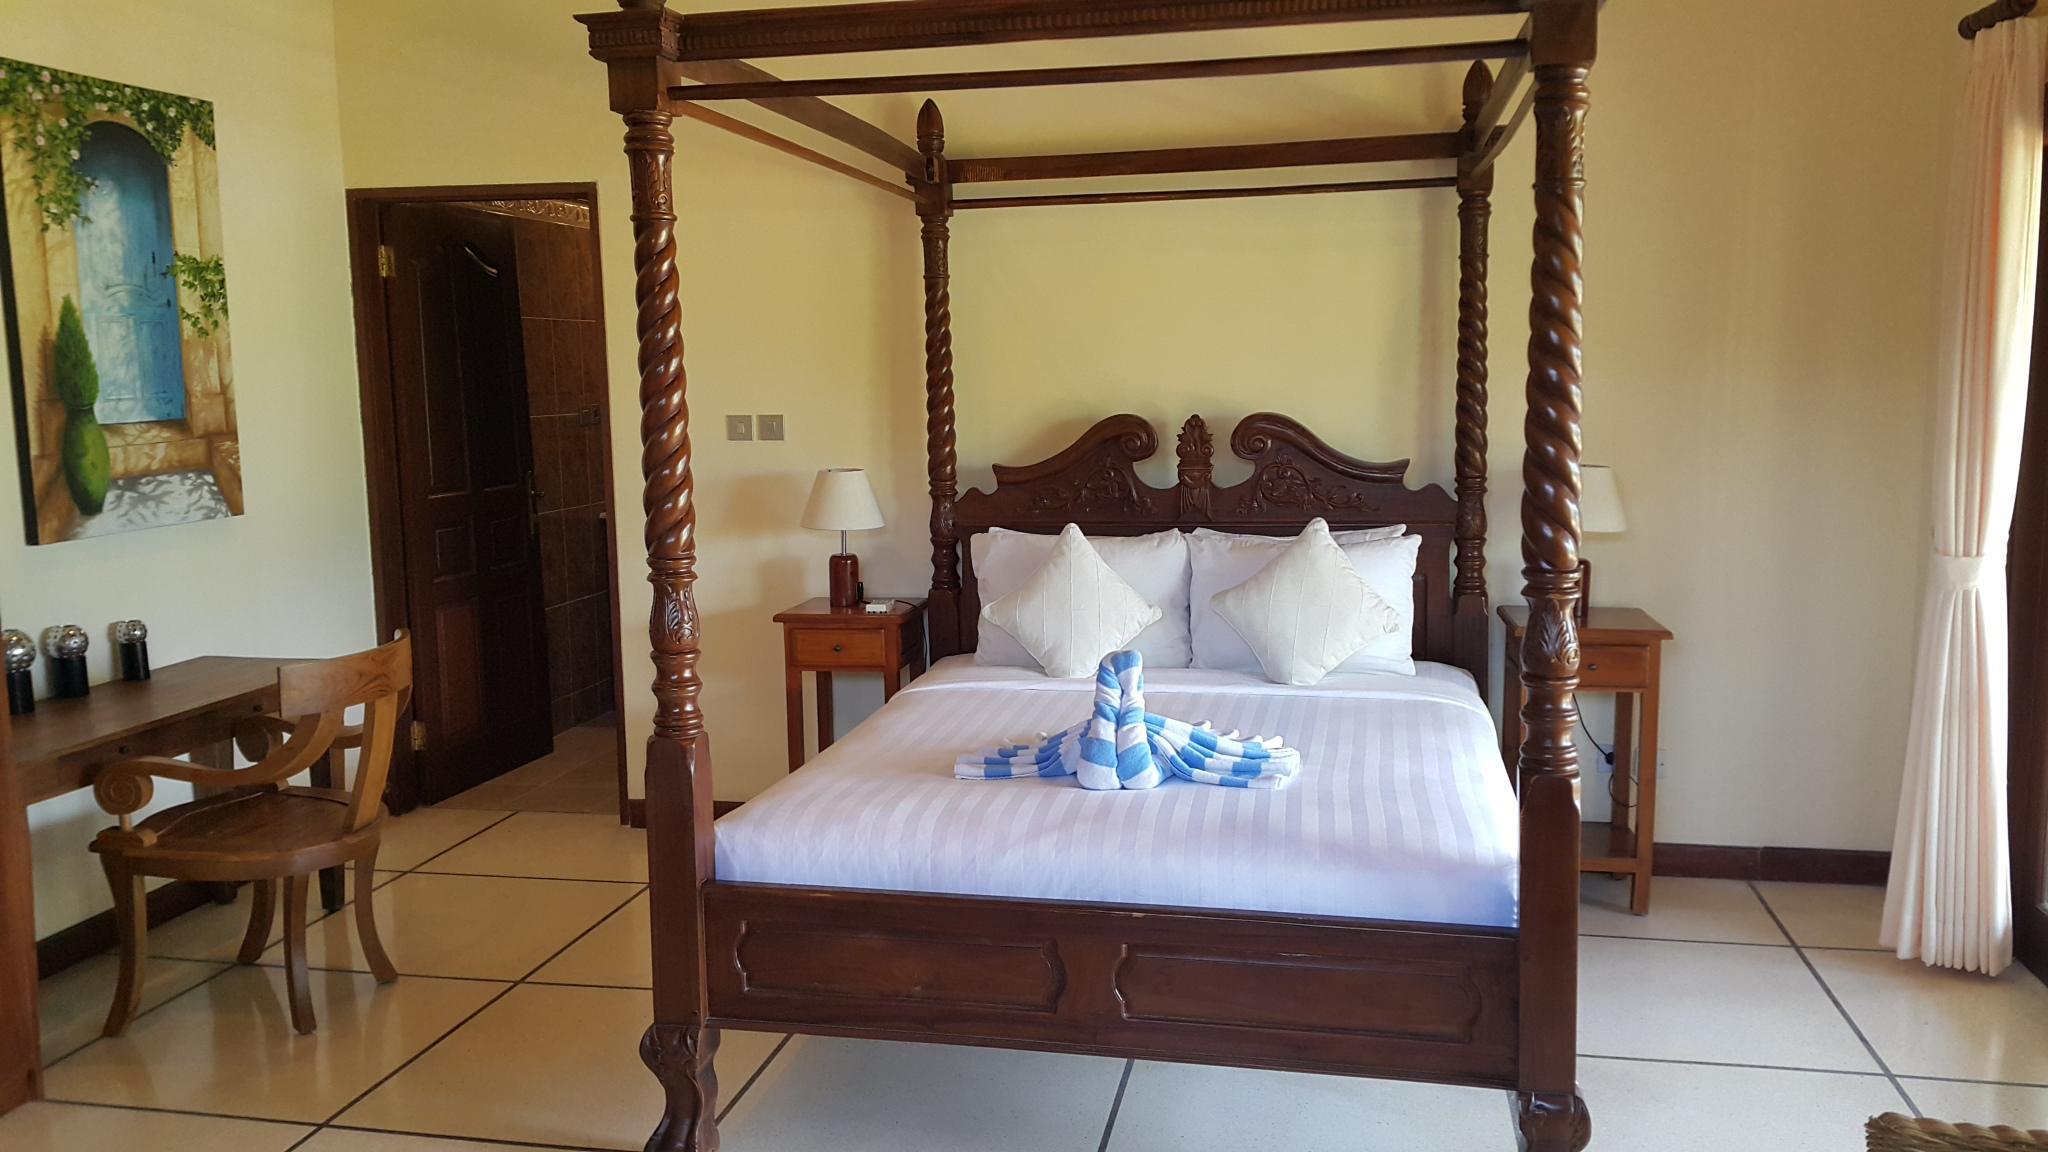 Hotel MBO Villa D3 At Emerald - Jalan Karangsari No. 15 - Emerald Villas Complex